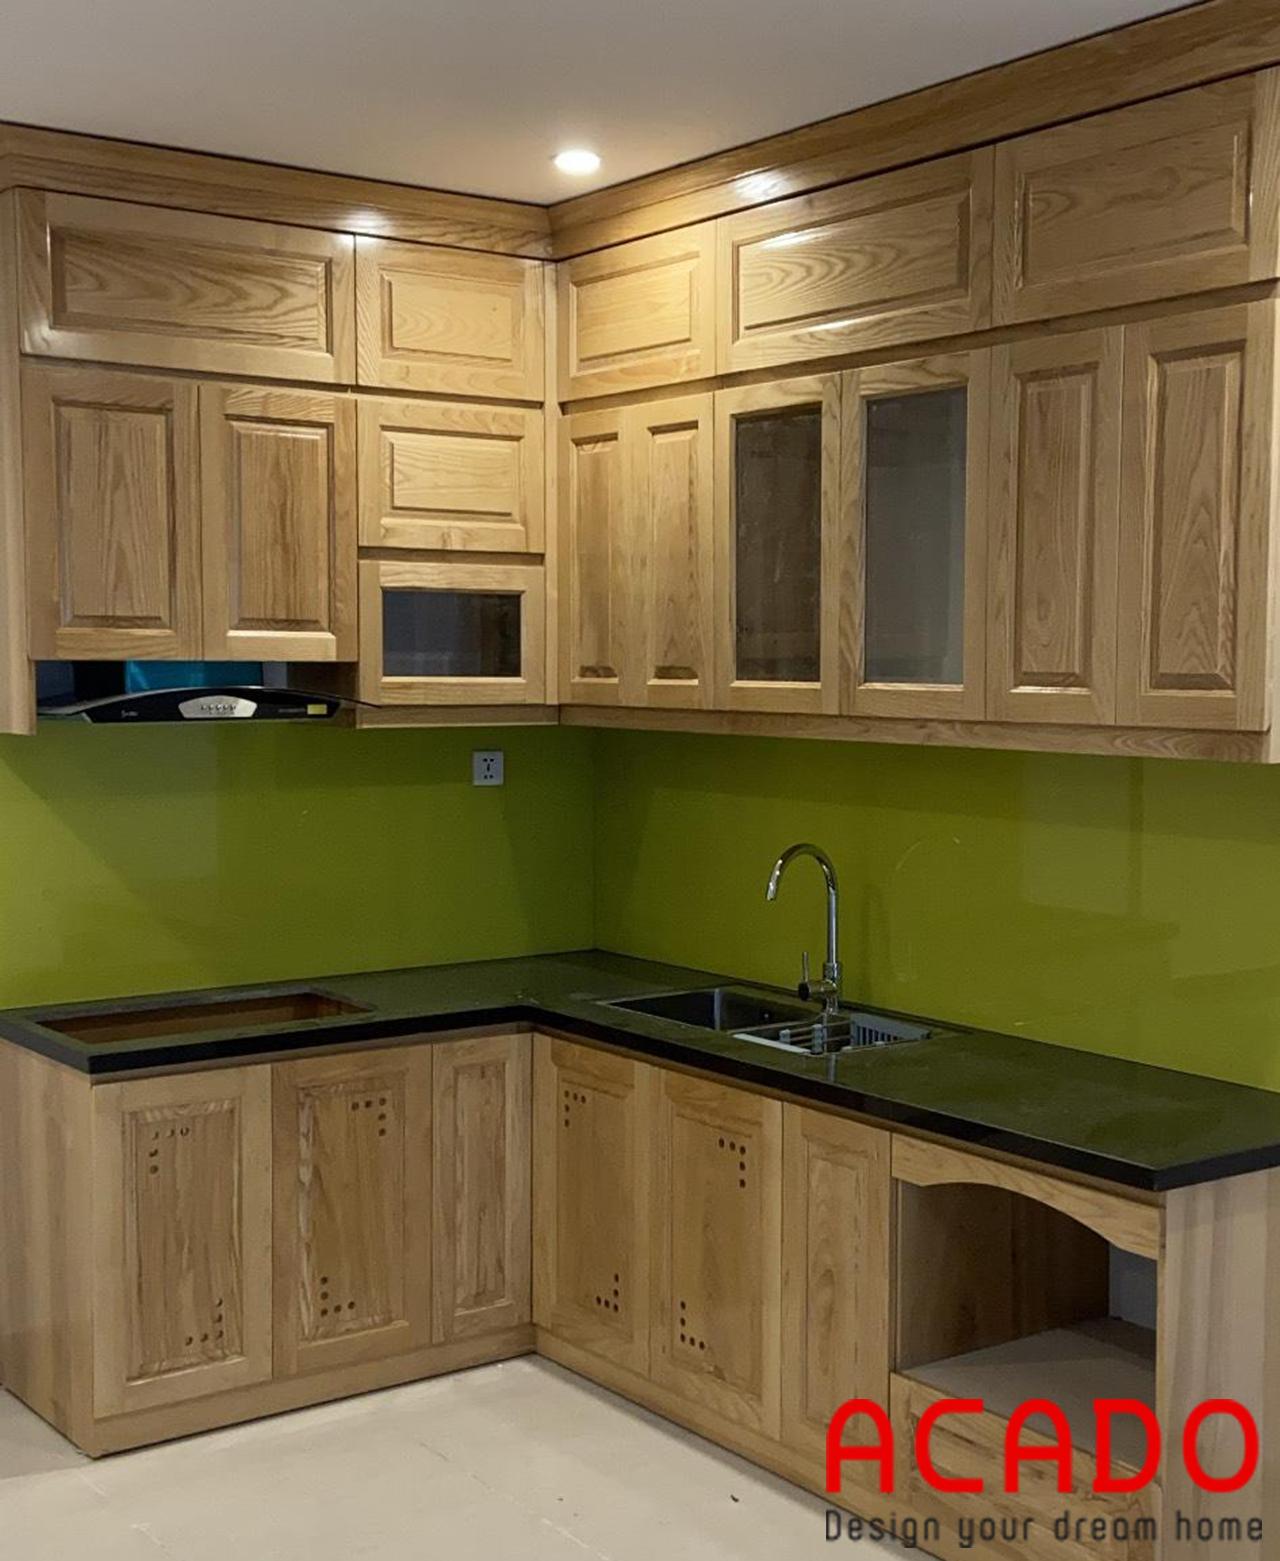 Tủ bếp chất liệu gỗ sồi nga tự nhiên phun sơn màu vàng nhạt